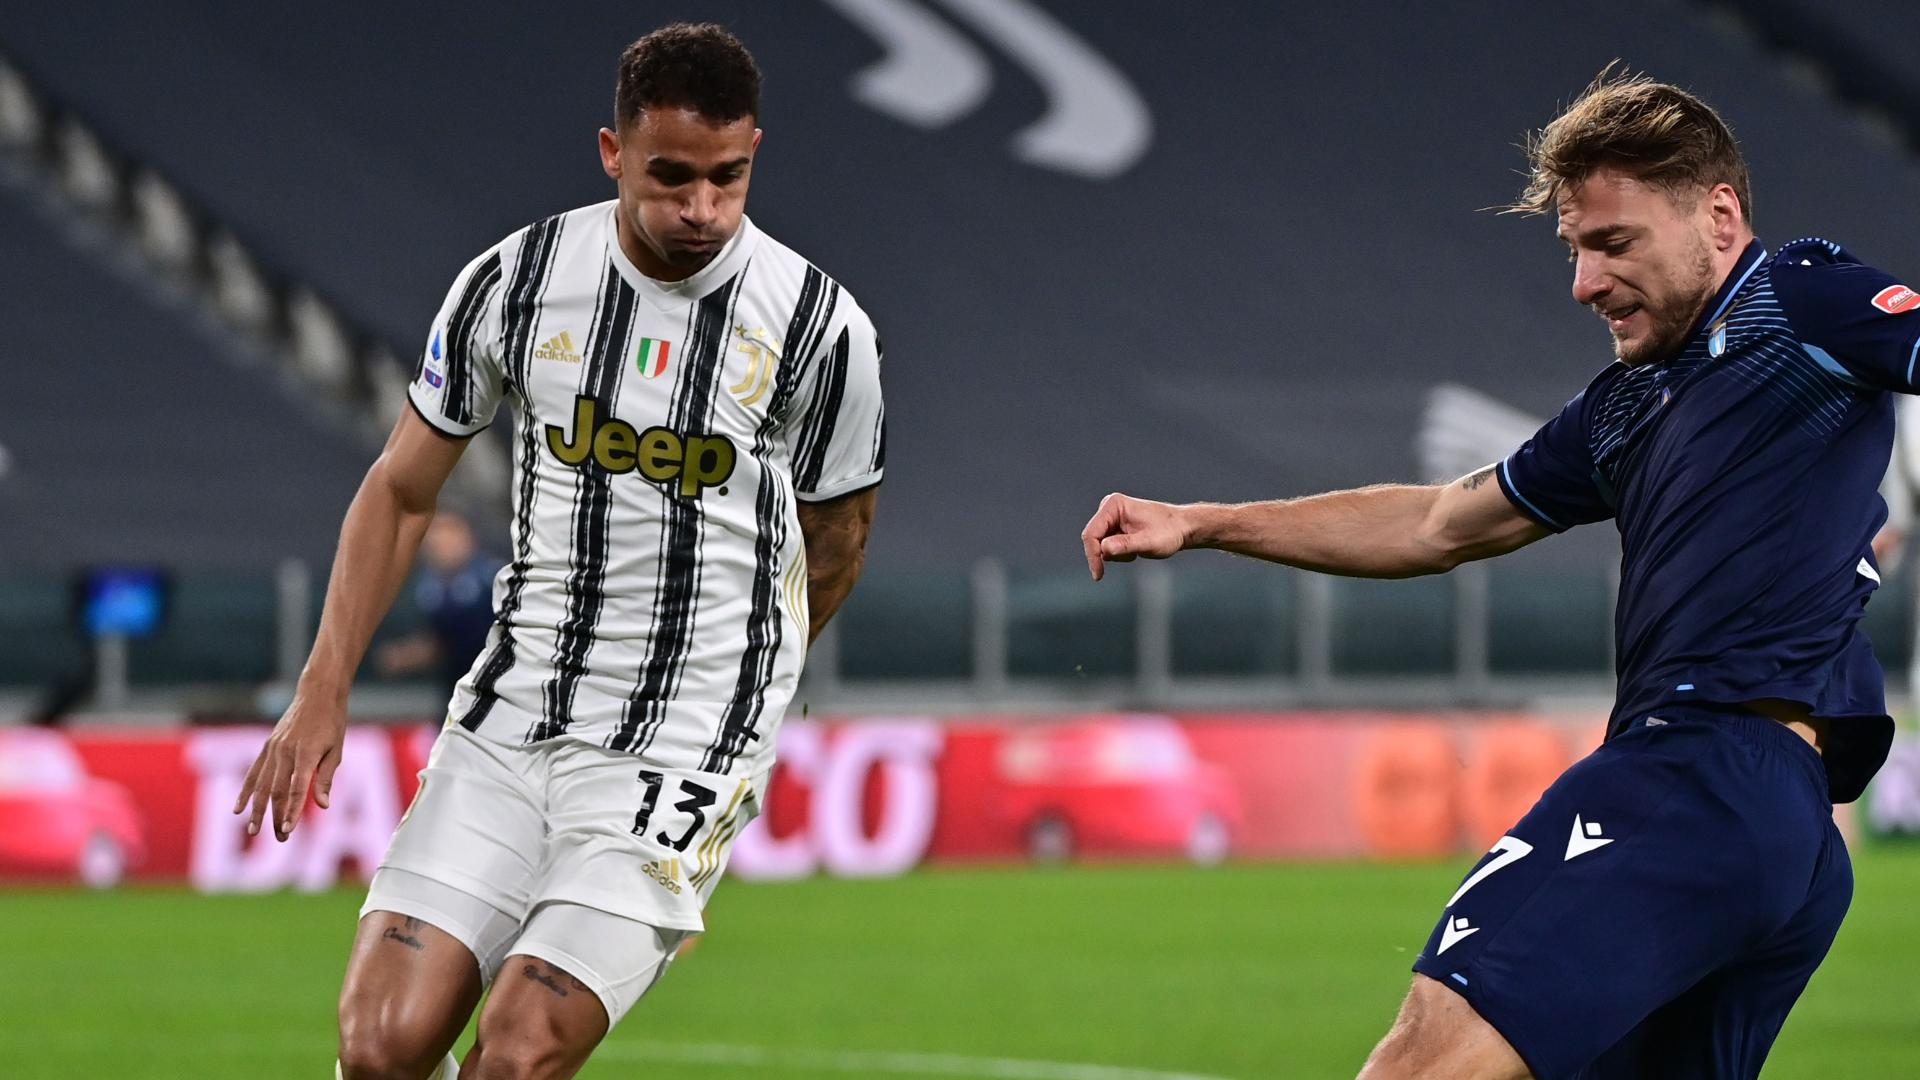 Nuova Juventus contro la Lazio: 4-2-3-1 e Danilo centrocampista centrale